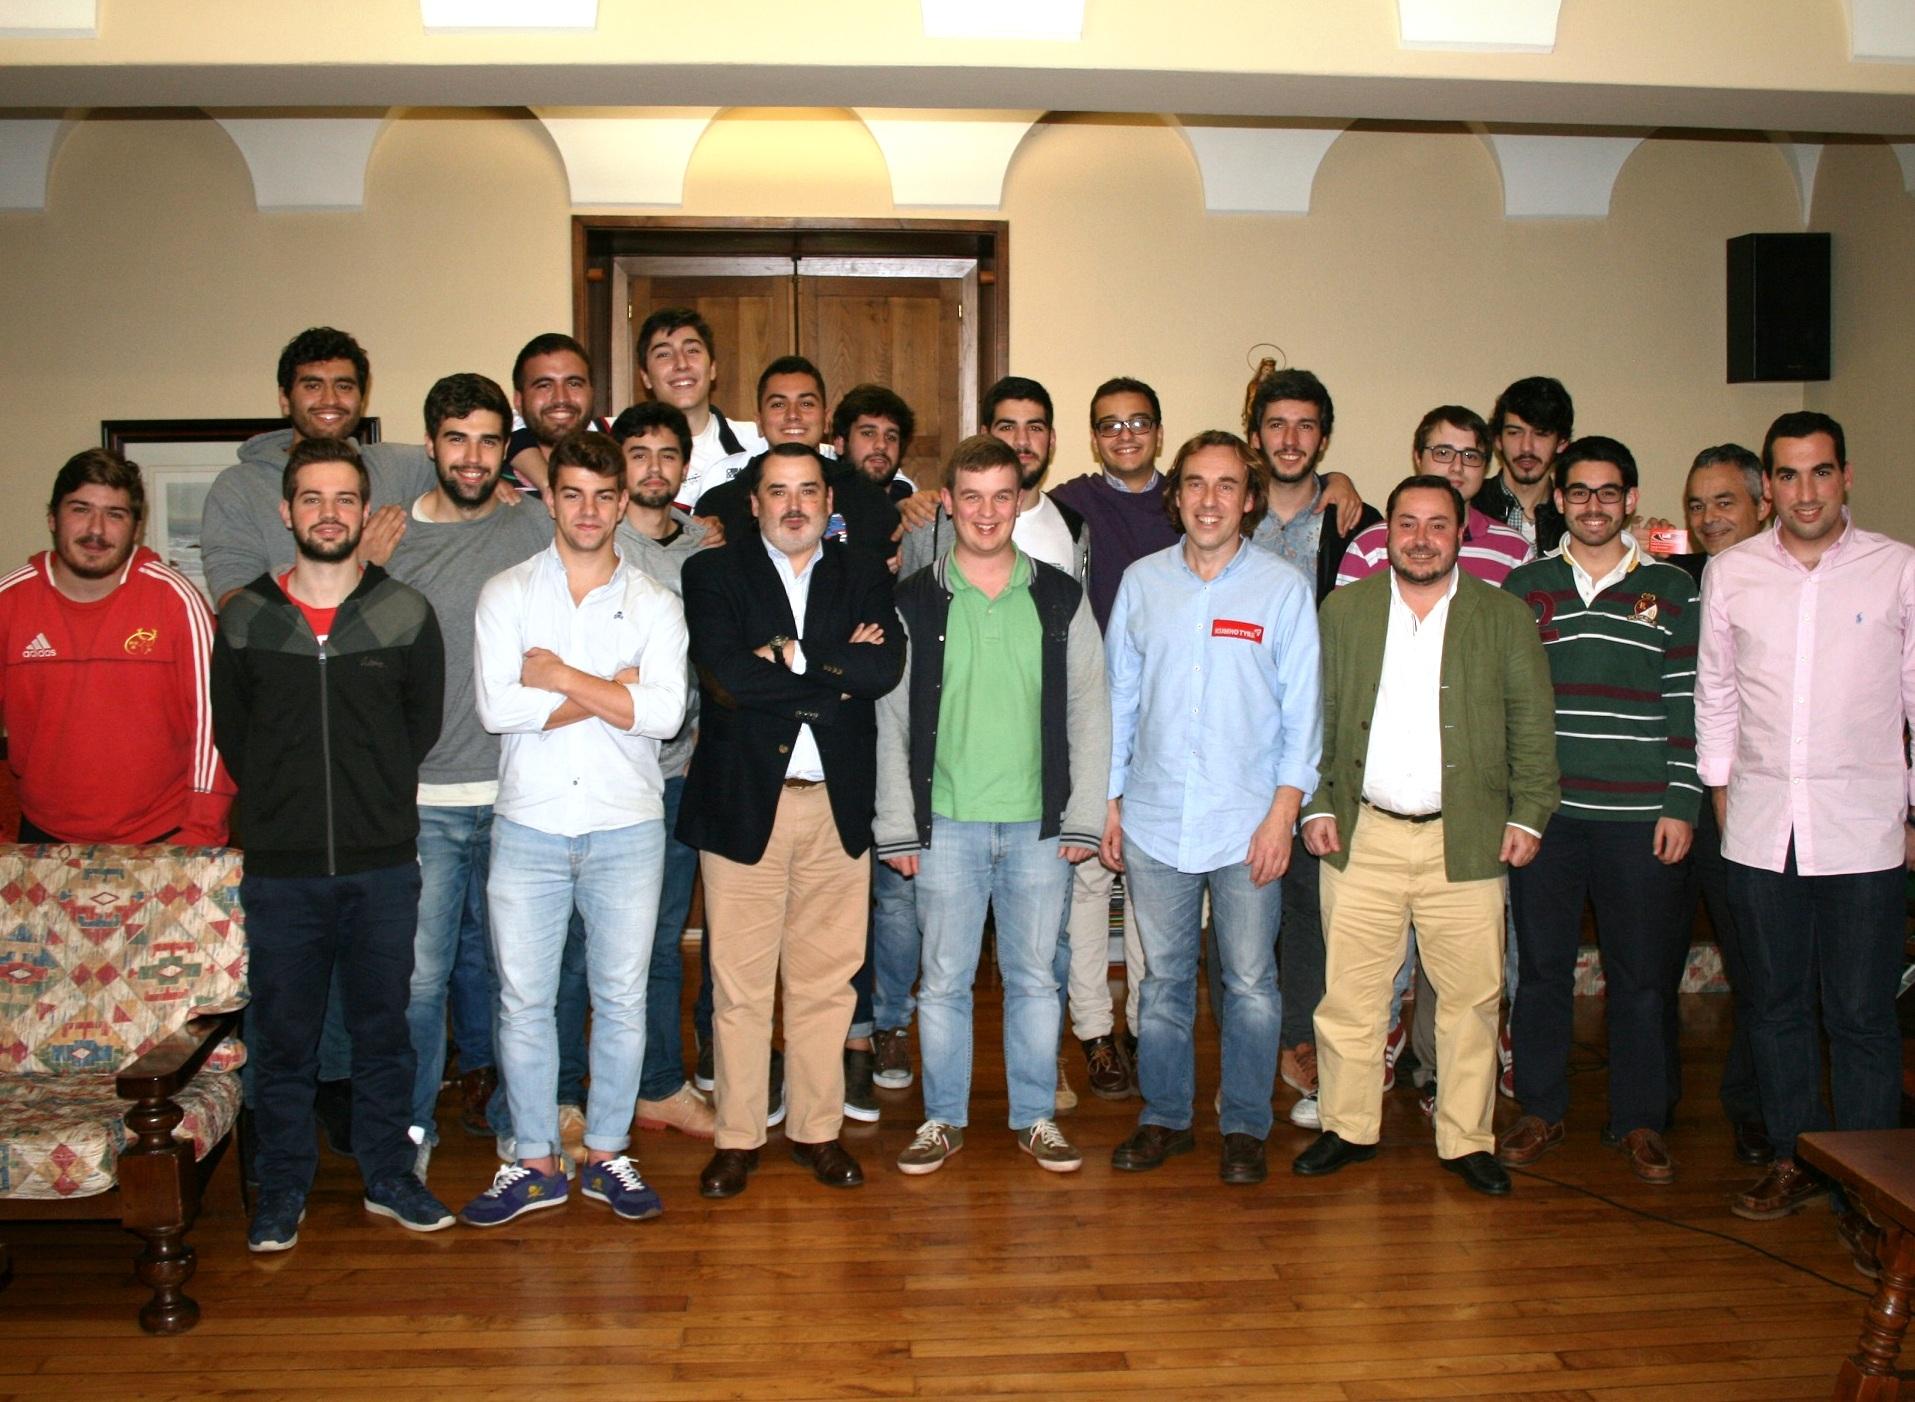 Luis Penido, Campeón Gallego de Rallys, visita el Colegio Mayor y mantiene un encuentro con los residentes